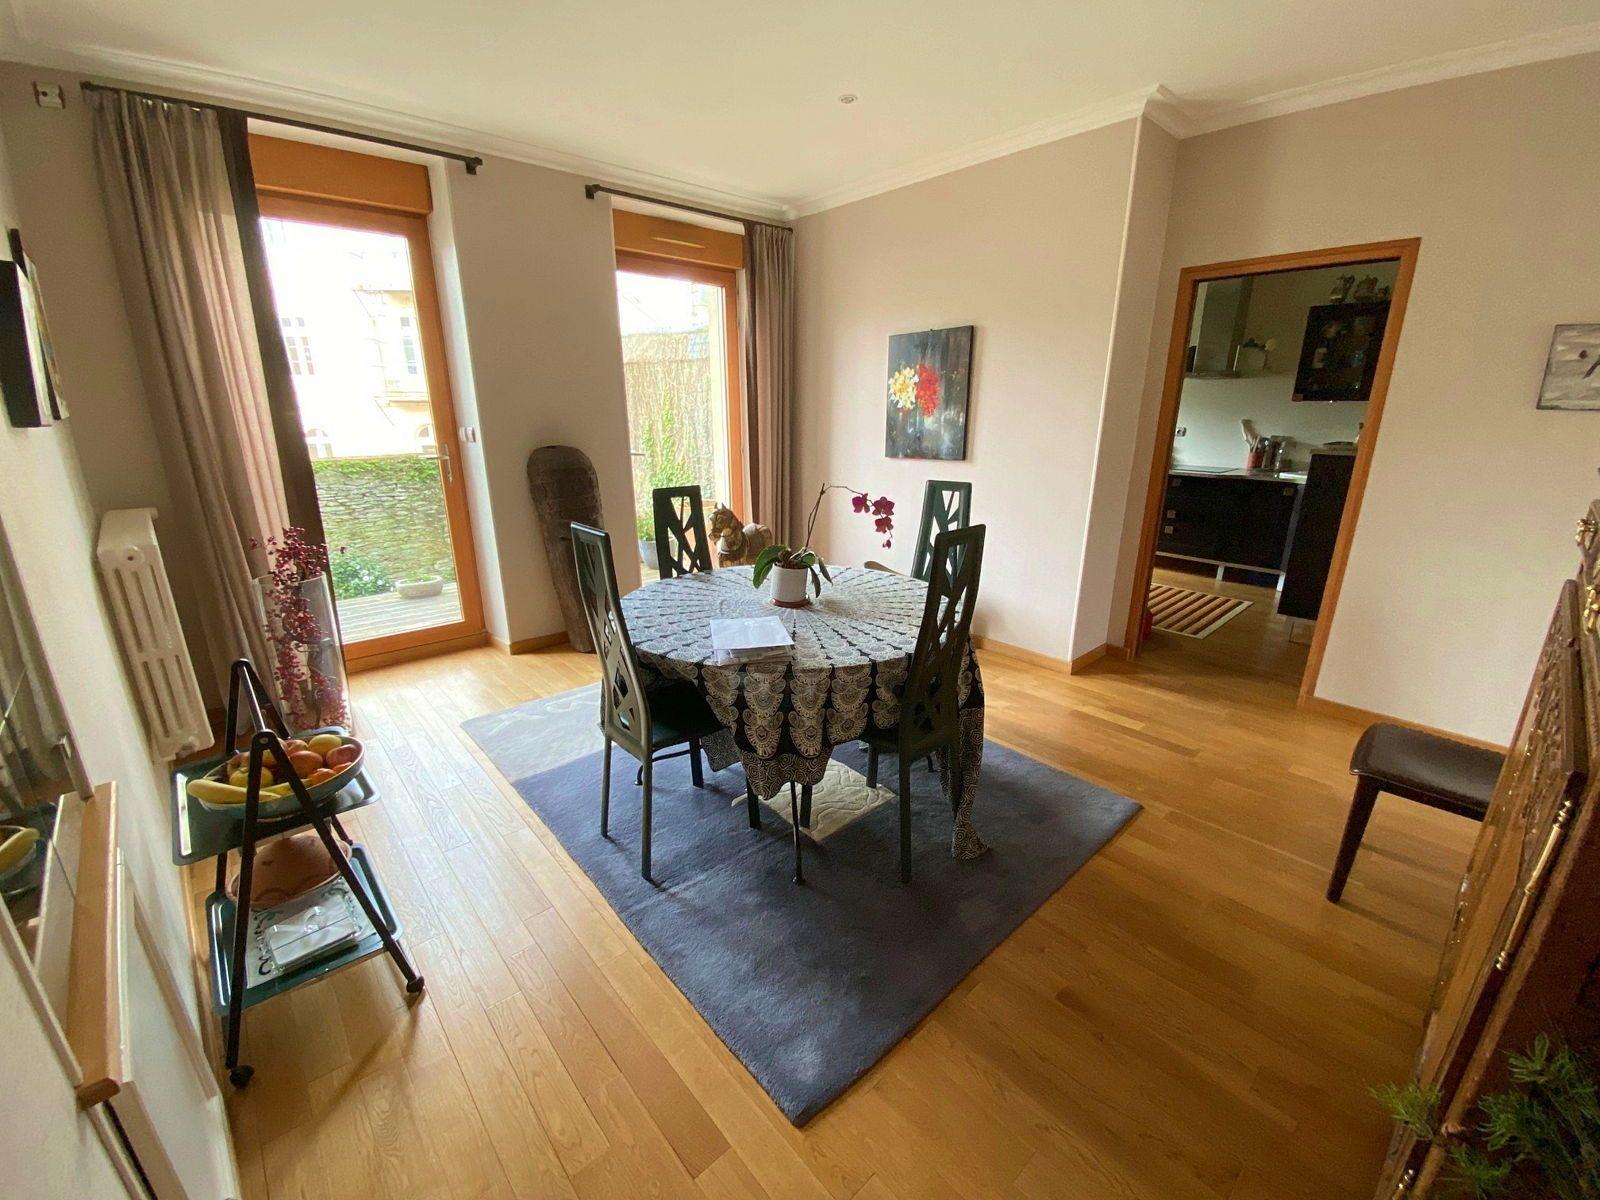 Vends Grand maison familiale de 270m² proximité école Montessori - 6chambres - Cherbourg-en-Cotentin (50)